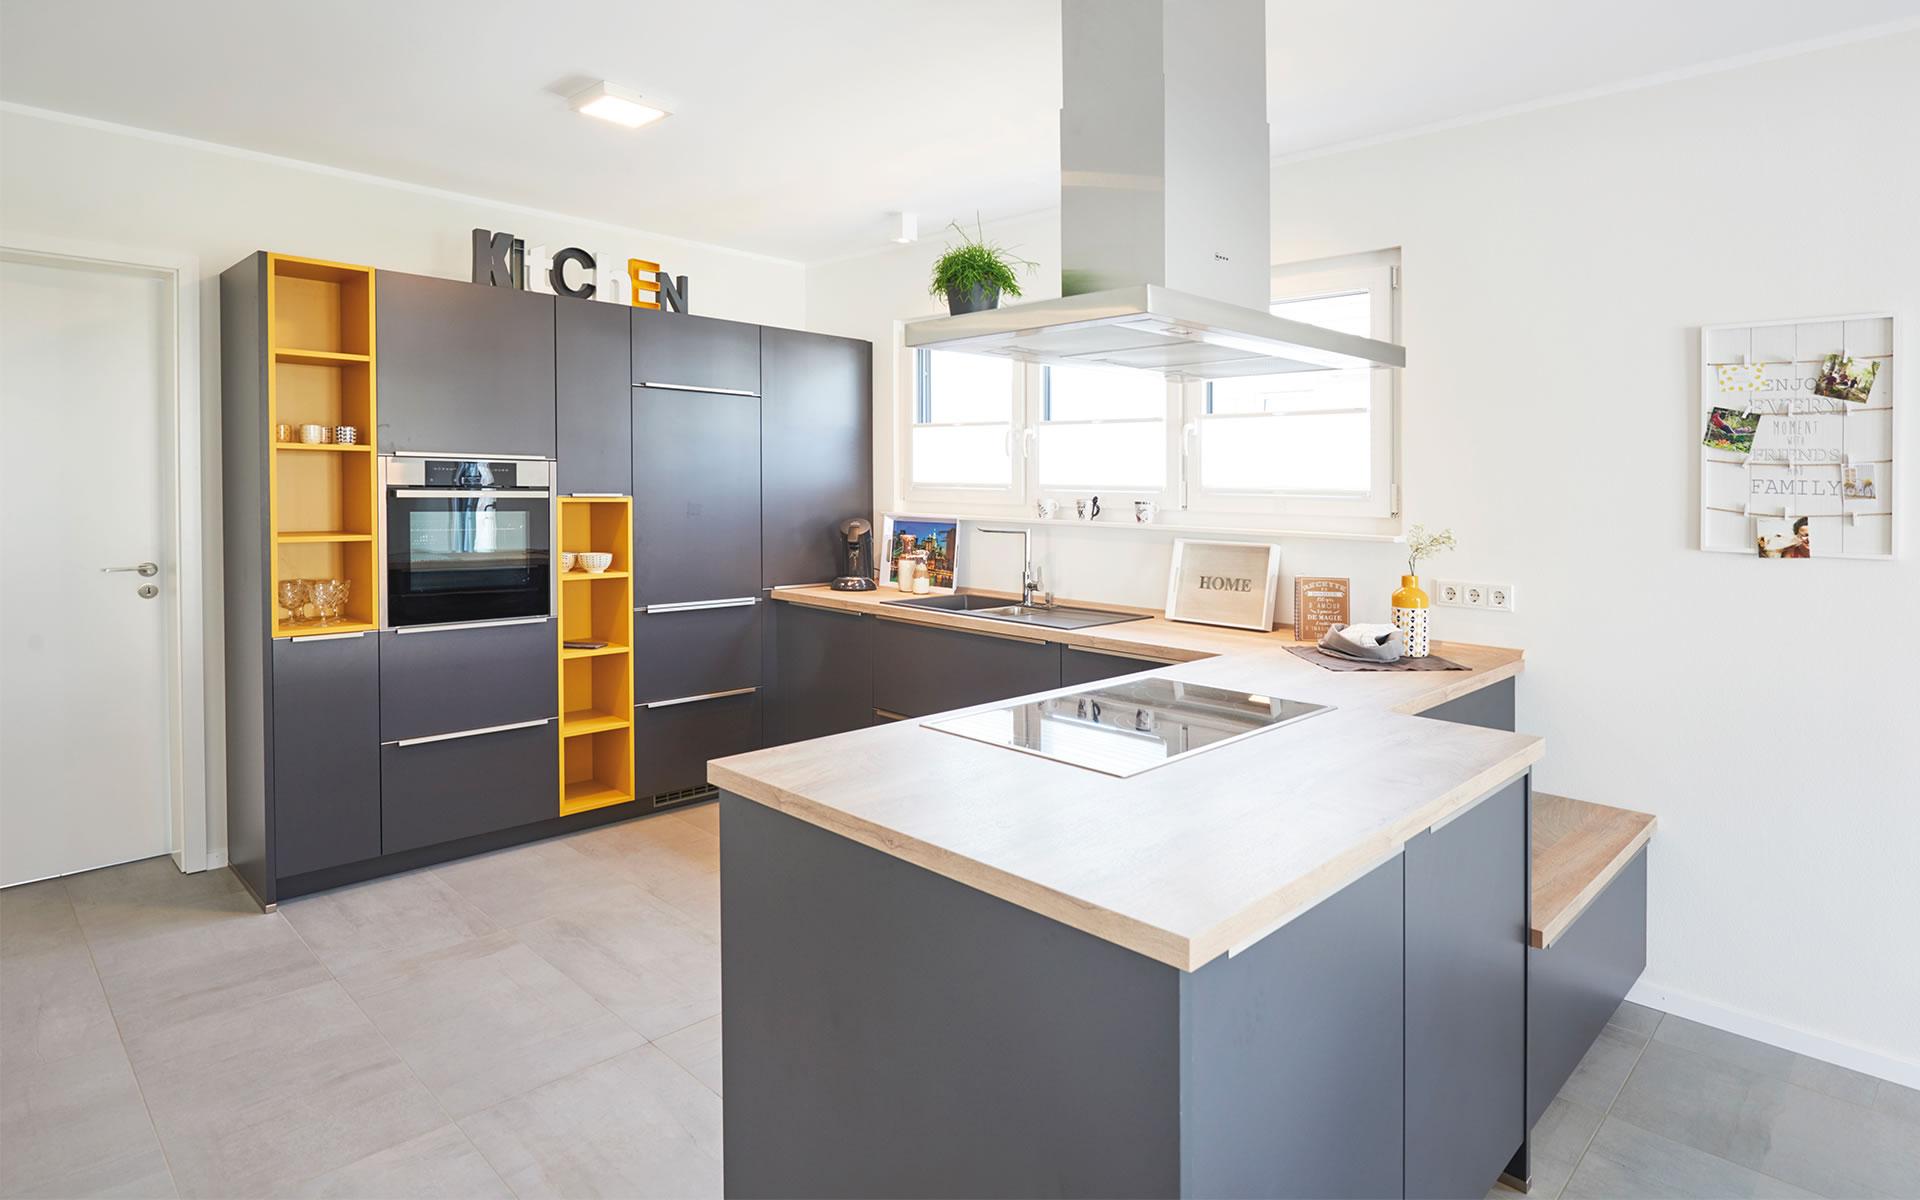 Stuttgart (Musterhaus) von Fingerhut Haus GmbH & Co. KG